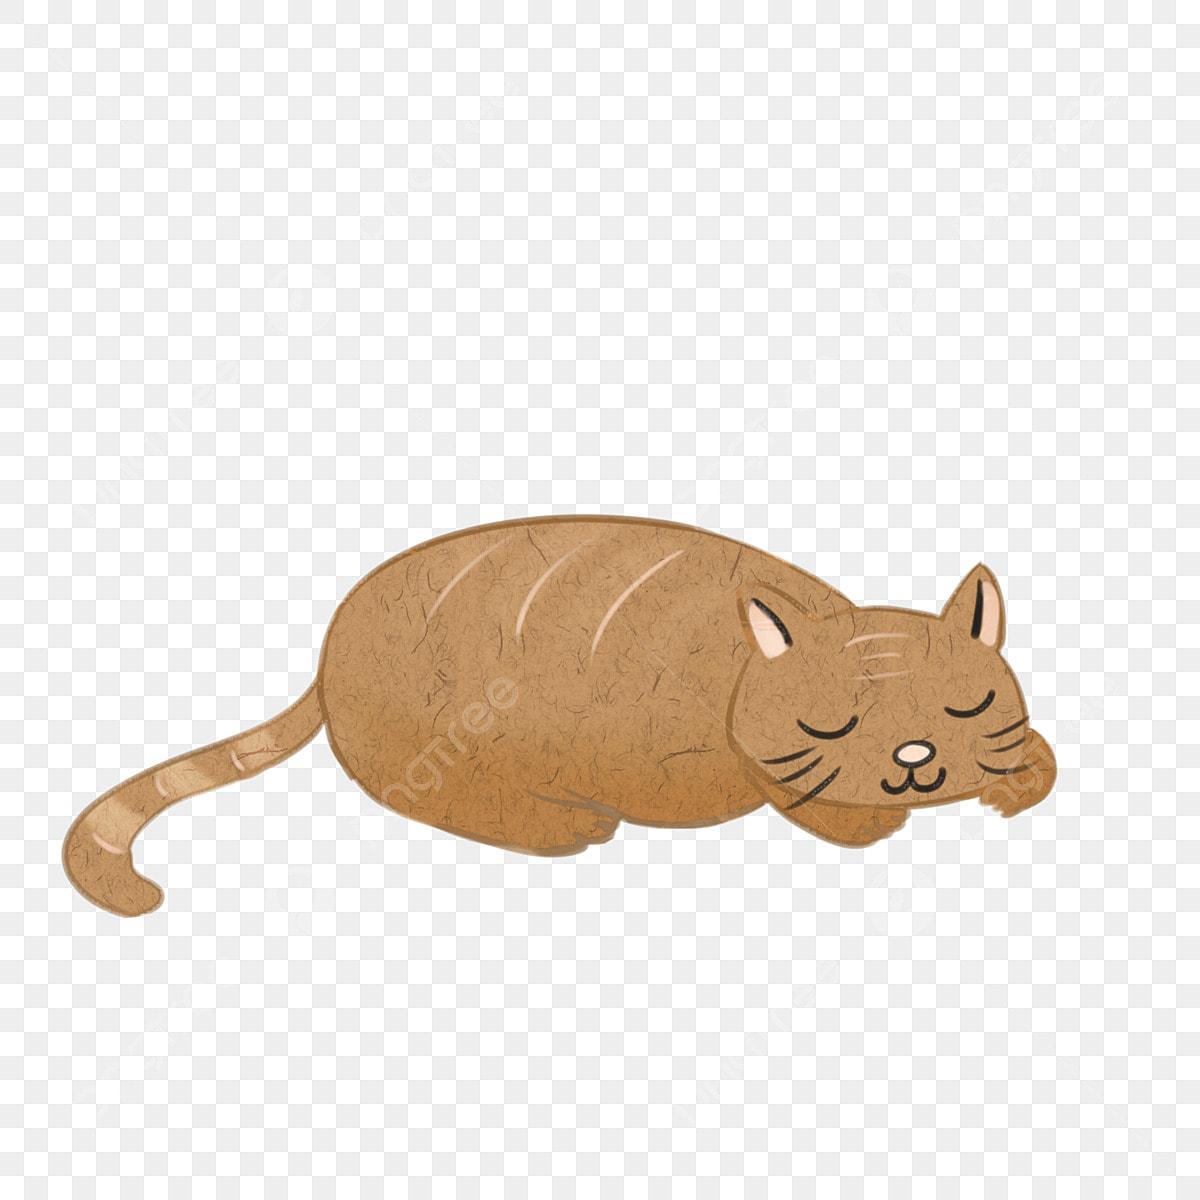 Il gattino marrone che dorme su un cartone pigro può essere elemento